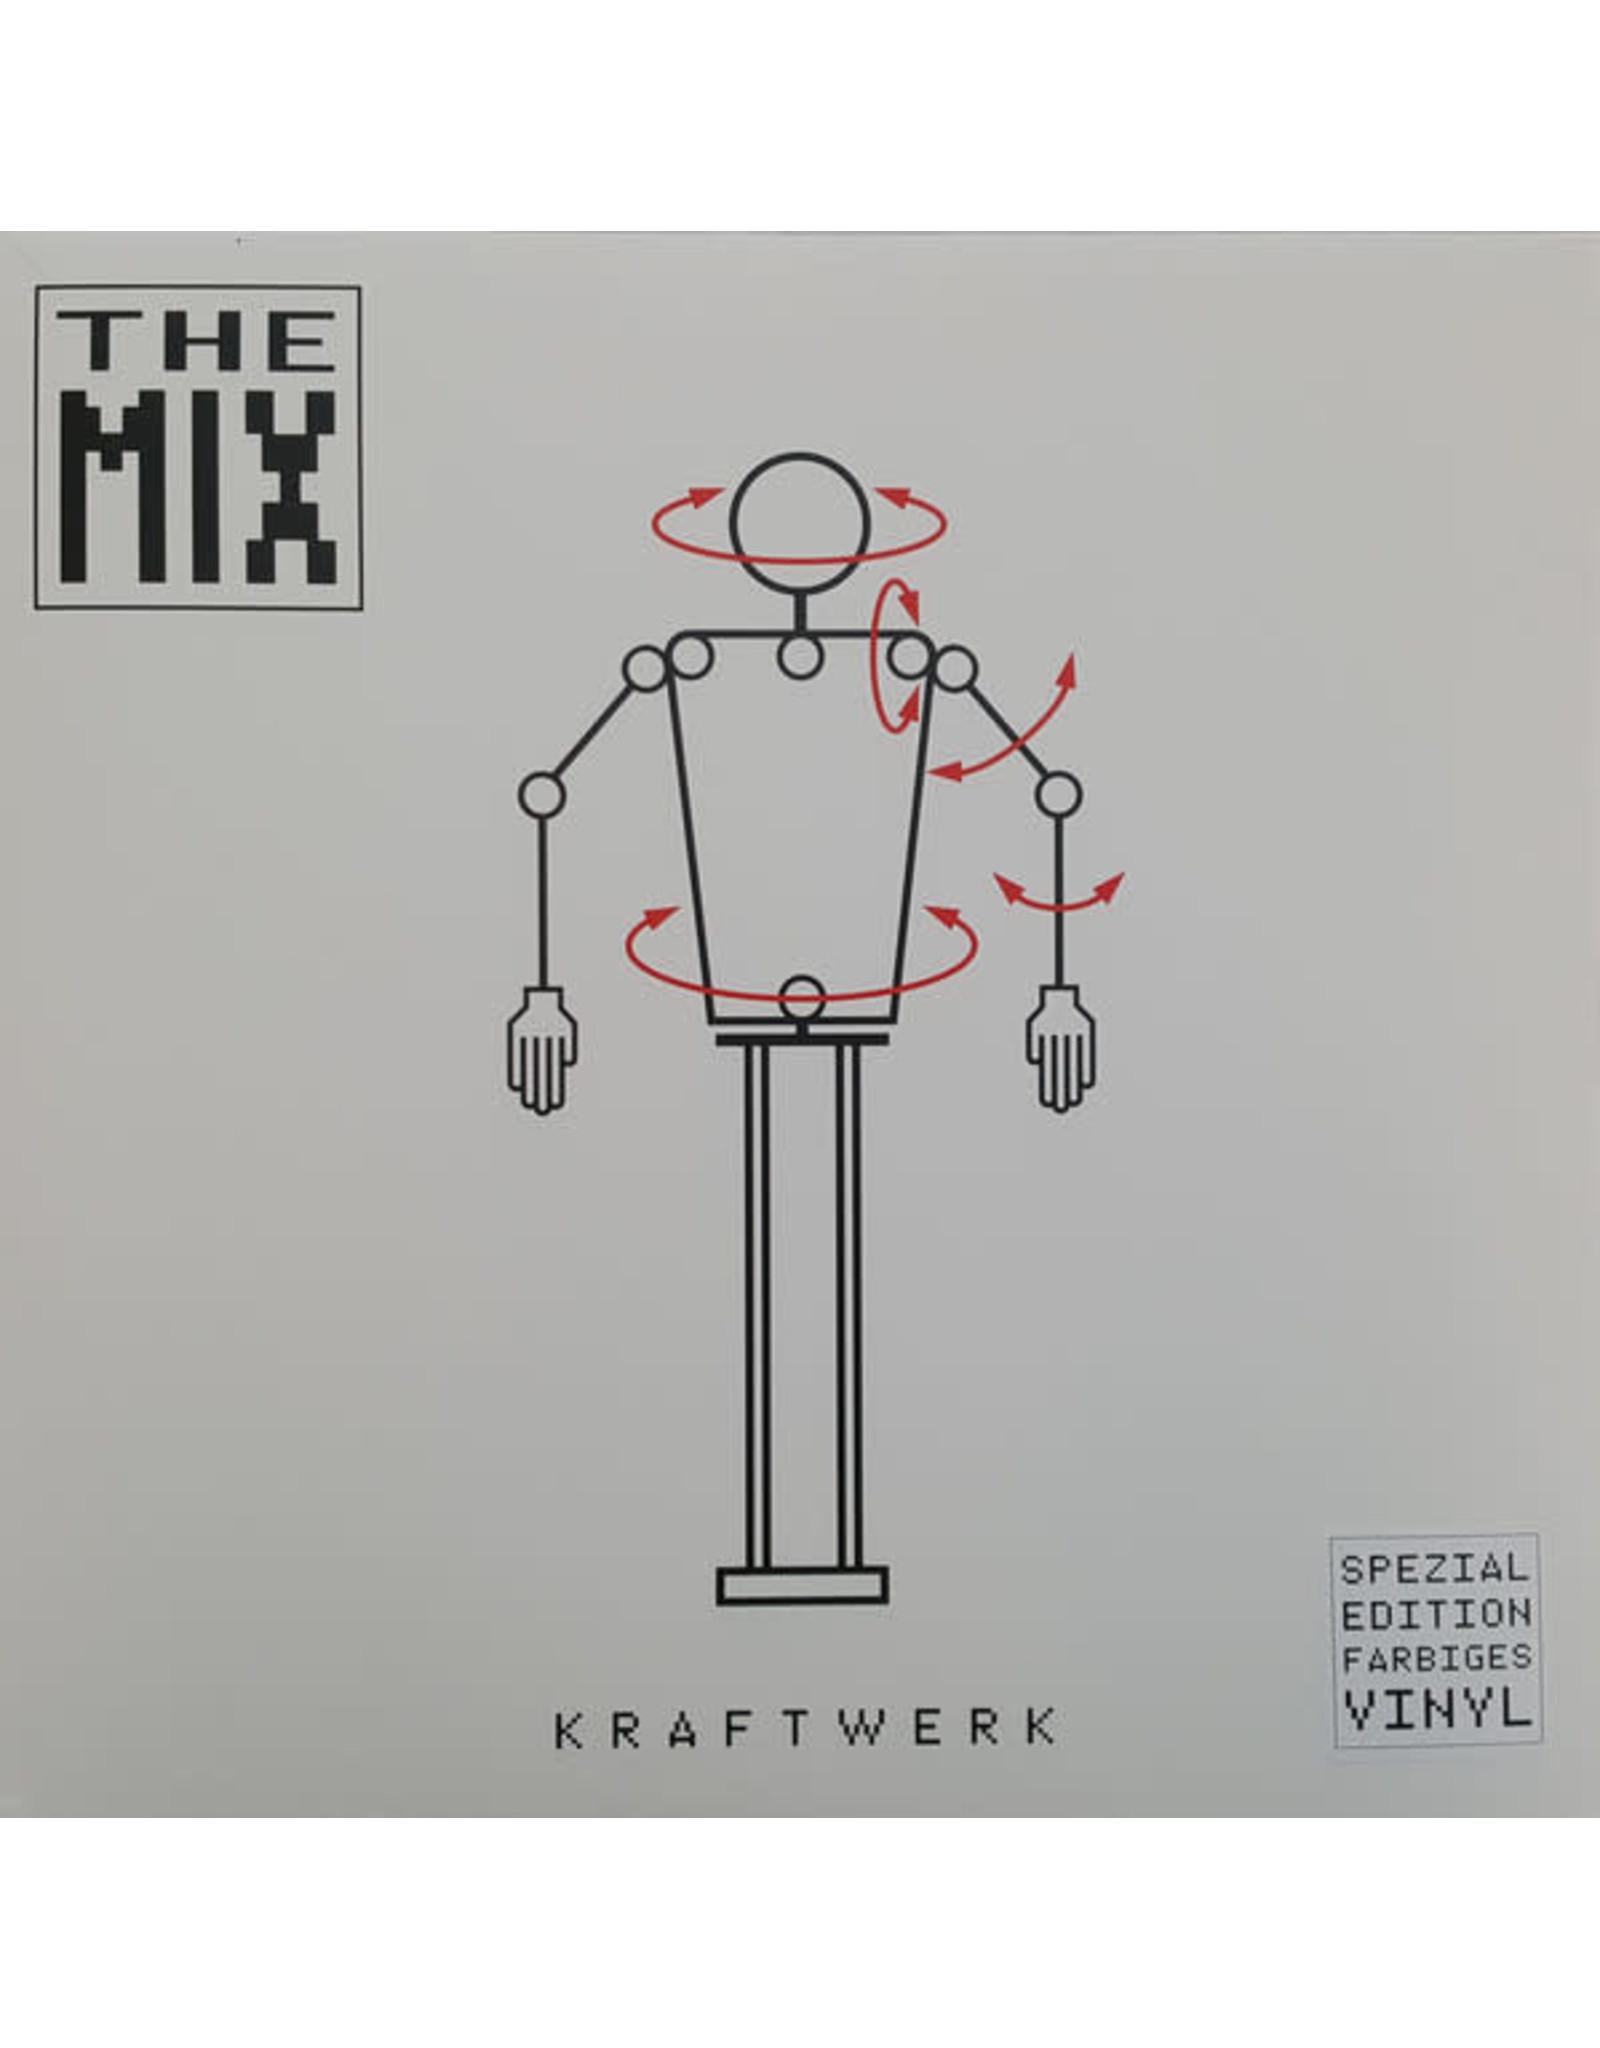 Kraftwerk - The Mix (White) 2LP